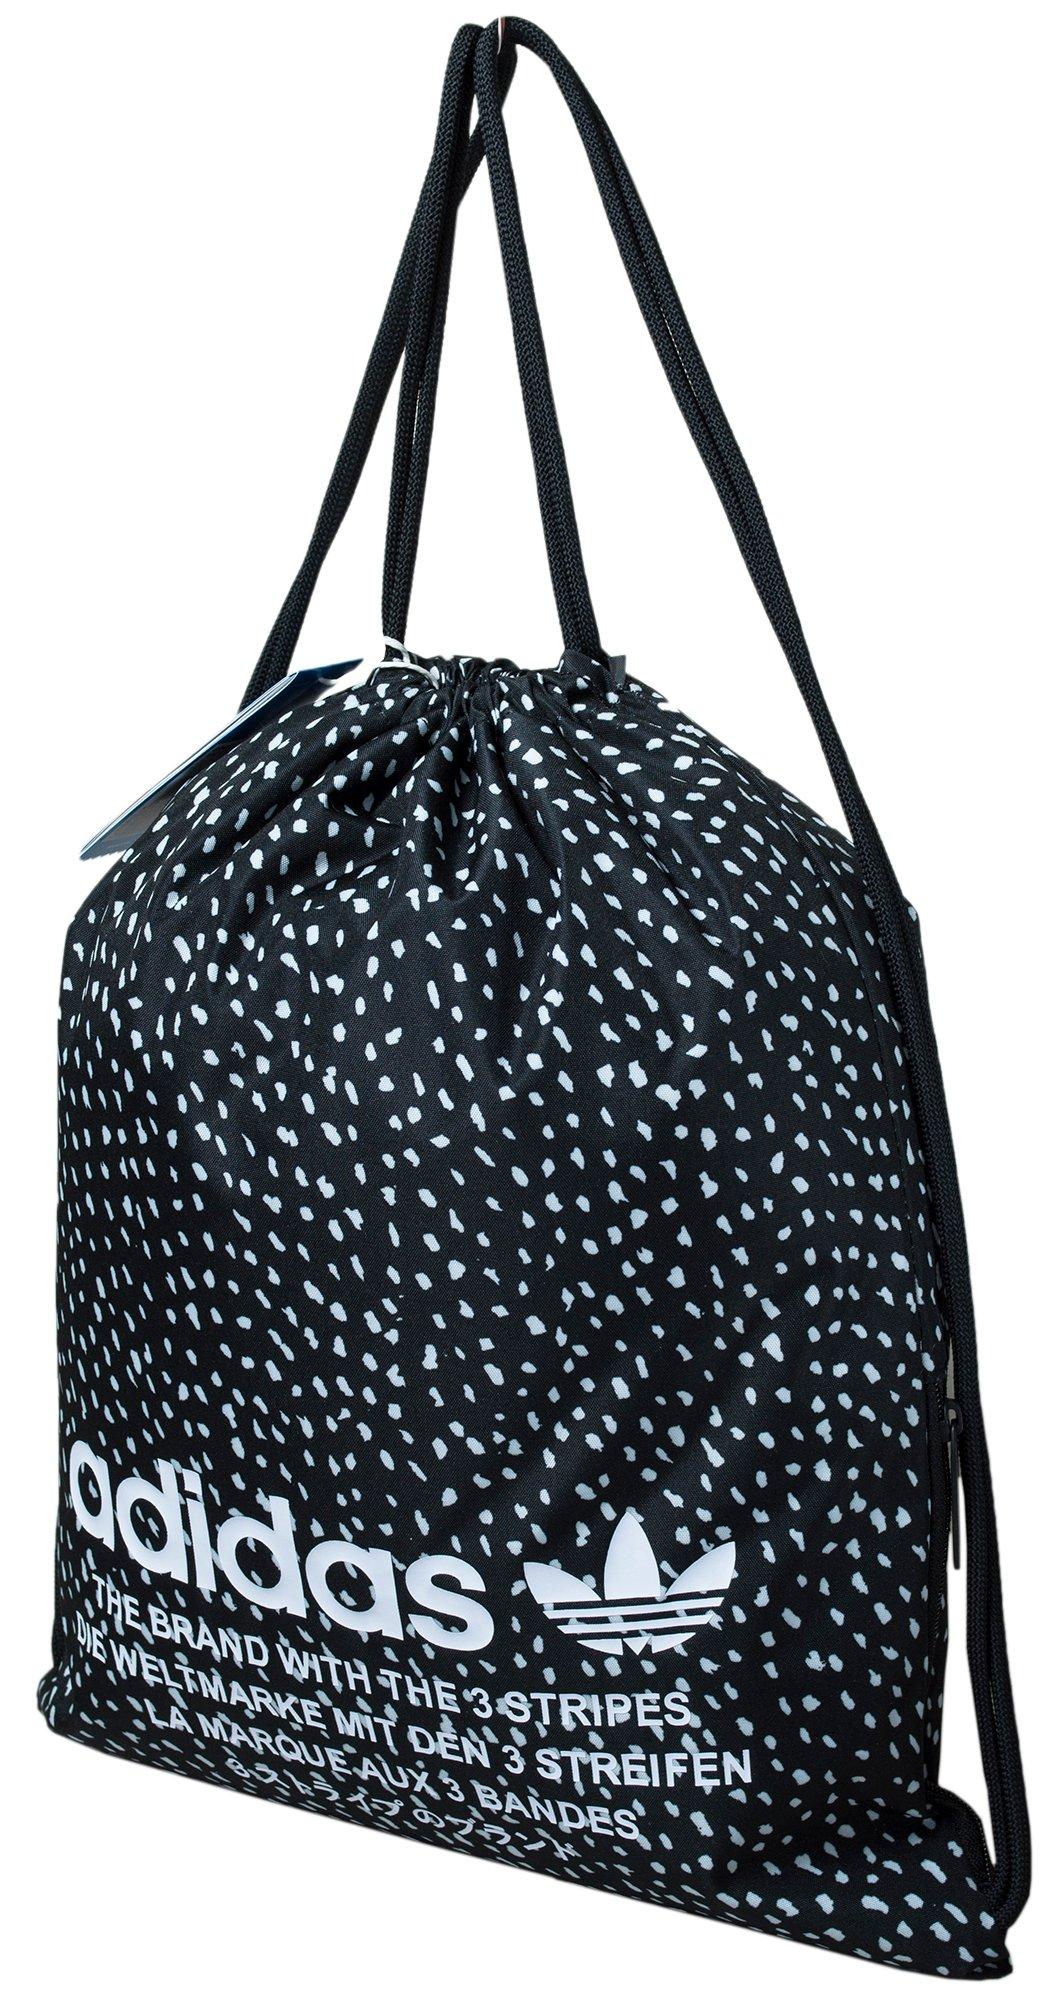 SUPER ADIDAS taška taška cez rameno batoh s kiesz na Zam